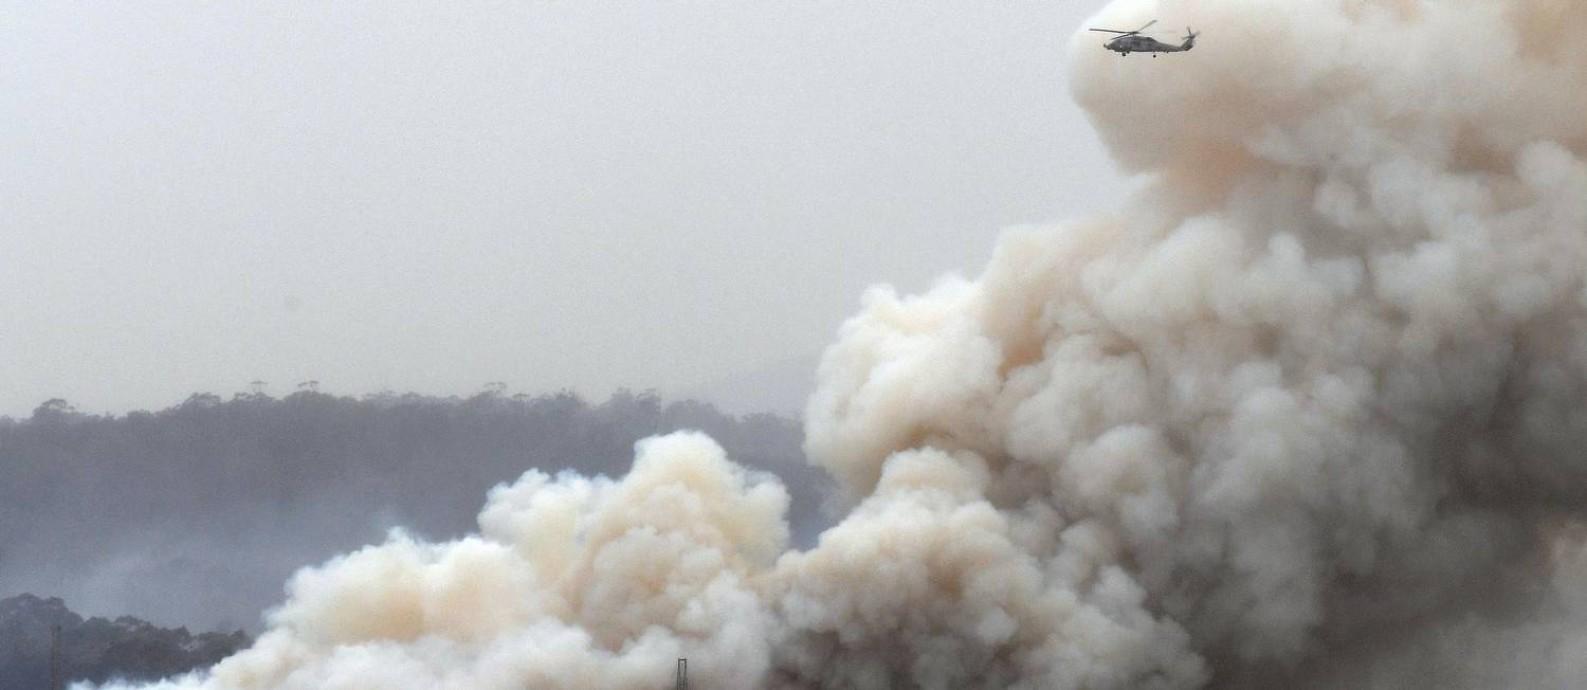 Helicóptero militar sobrevoa incêndio em mata próximo à cidade de Eden, no estado de Nova Gales do Sul, nesta segunda-feira (6) Foto: SAEED KHAN / AFP